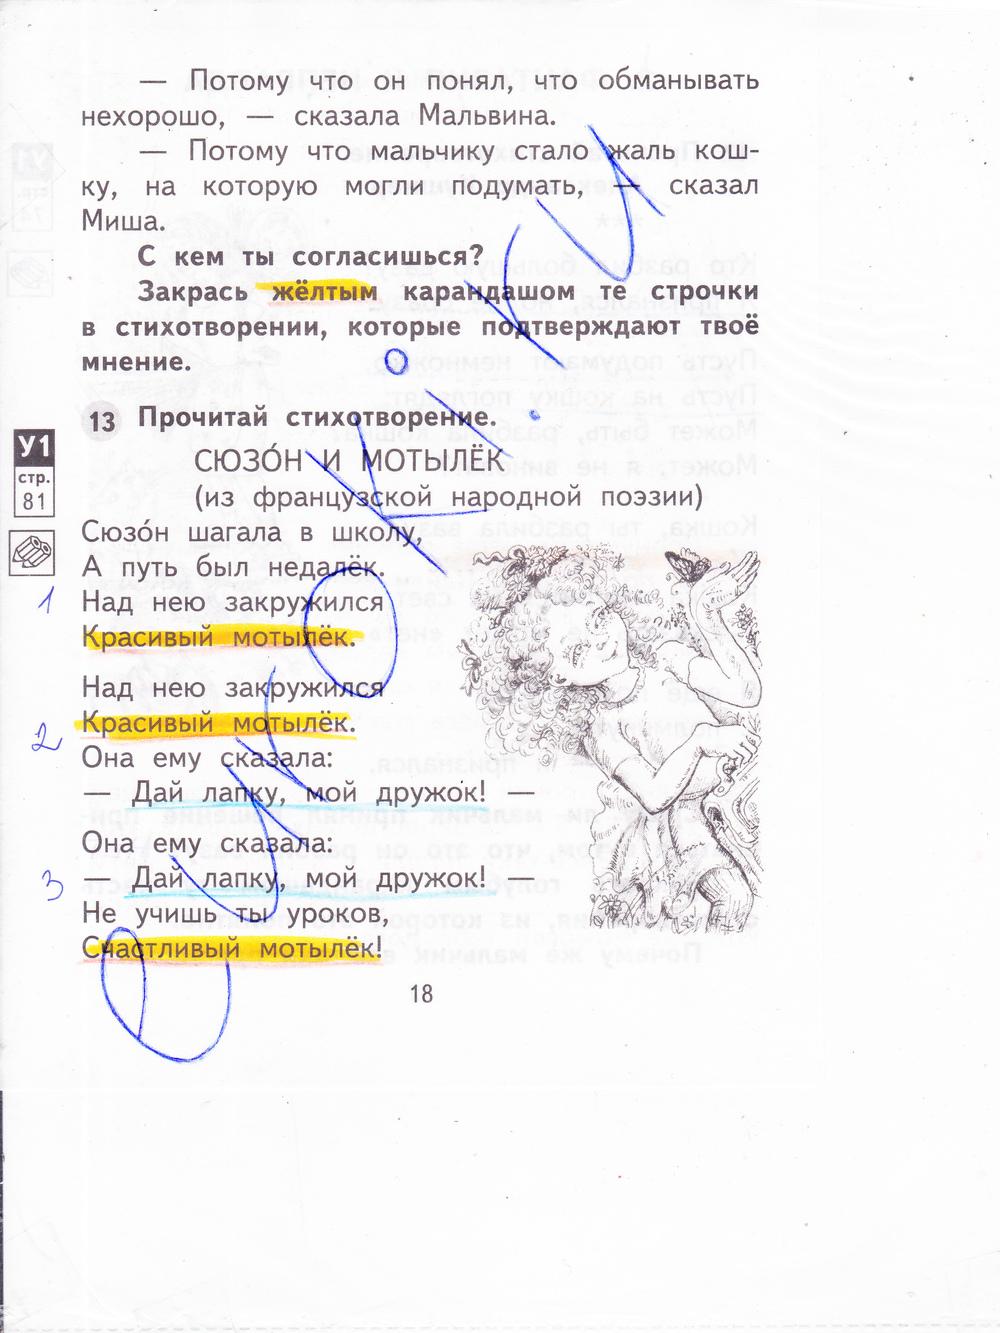 ГДЗ по литературному чтению 2 класс рабочая тетрадь Малаховская Часть 1, 2. Задание: стр. 18